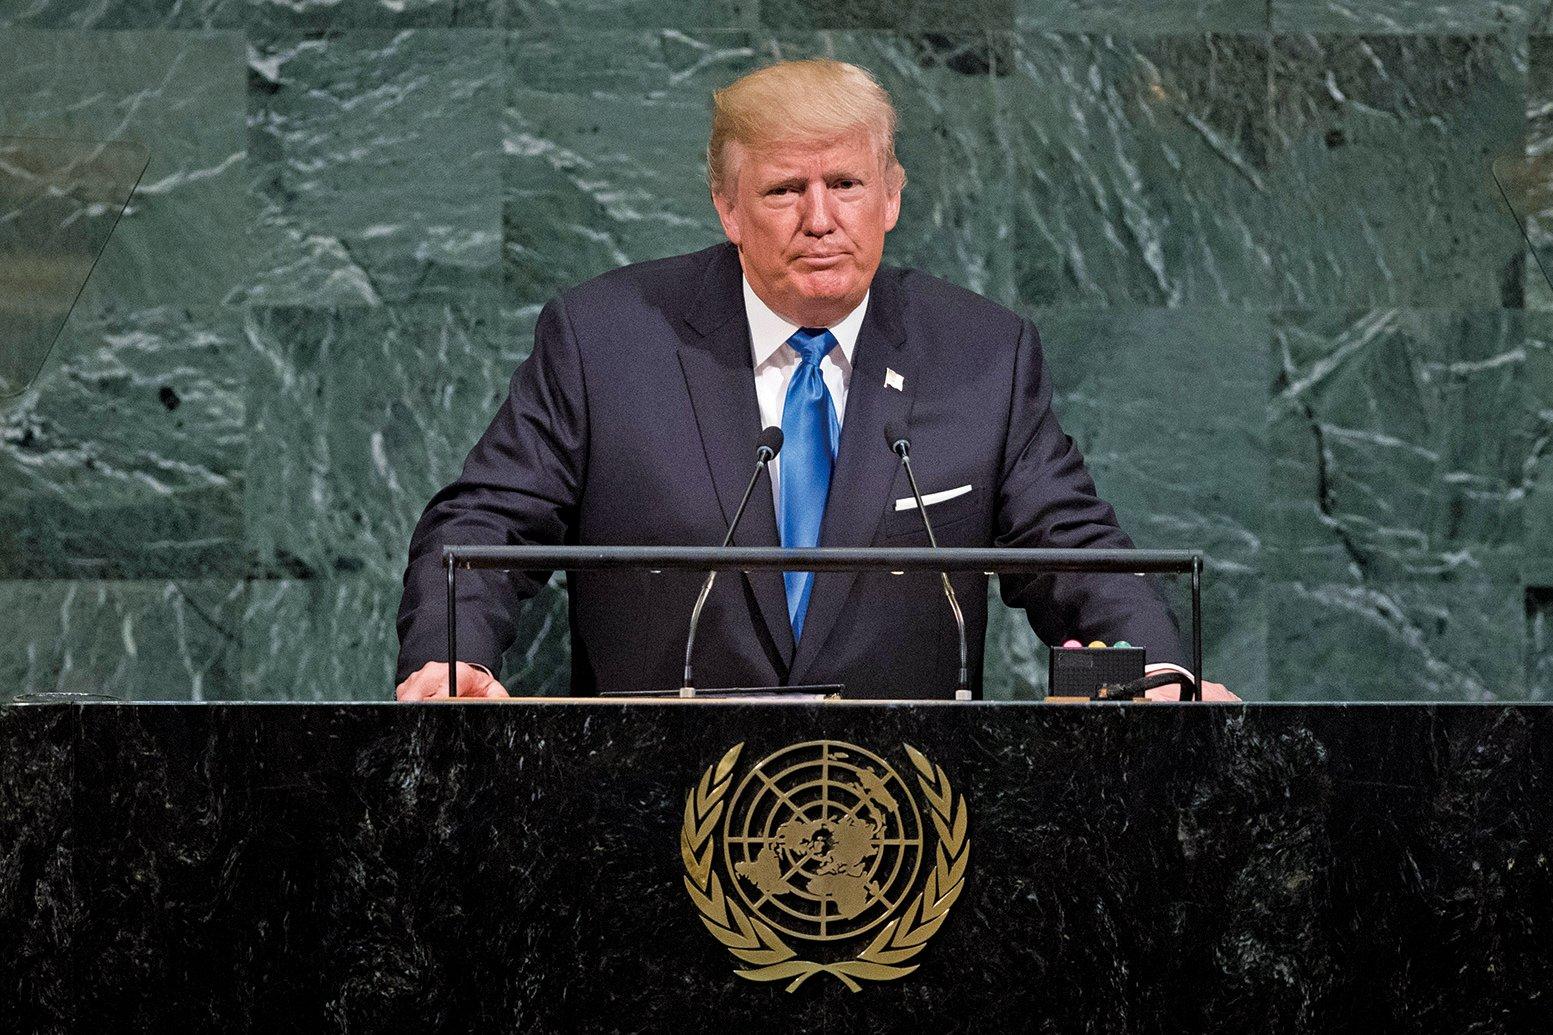 美國總統特朗普周二(9月19日)在聯合國大會上警告,全世界面臨巨大危險:流氓政權在發展核武器,恐怖主義份子在全球擴張。他呼籲各國領導人,加入美國消滅流氓政權和恐怖份子的戰鬥。(Getty Images)